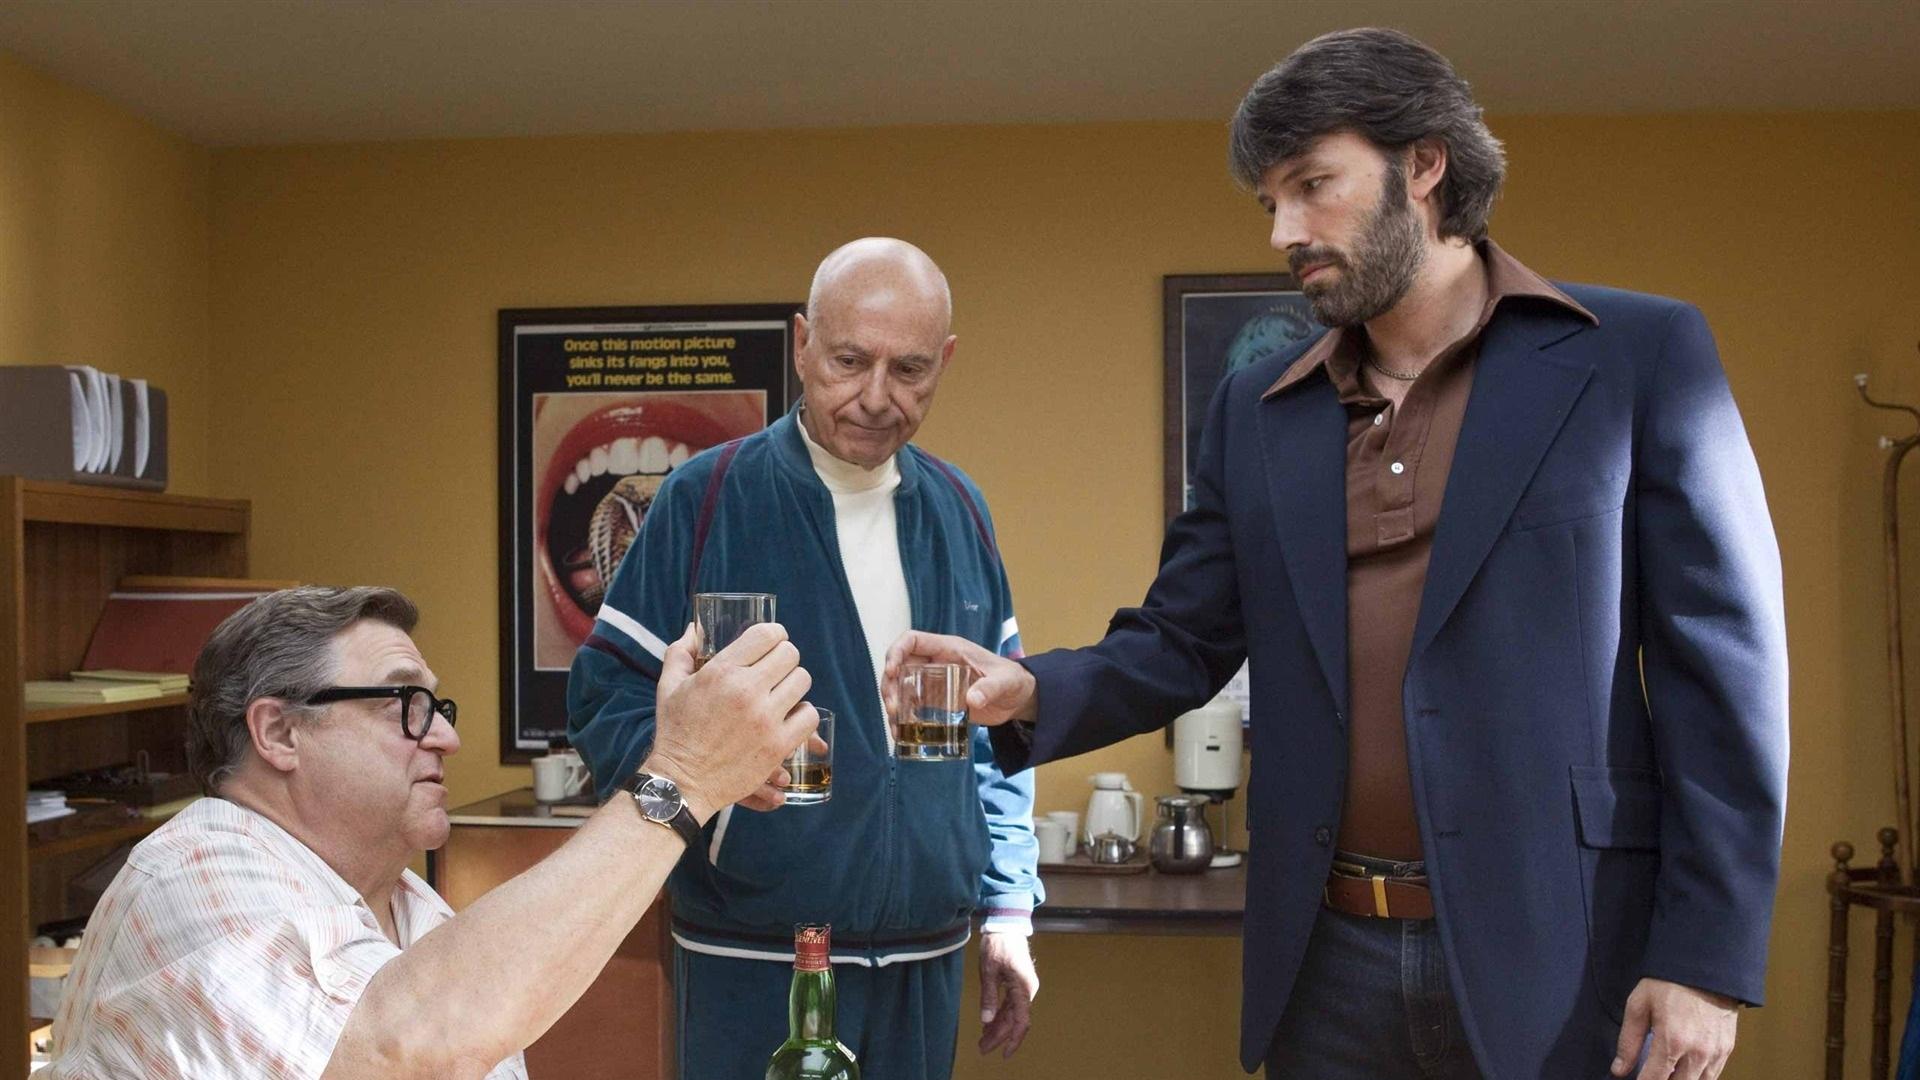 Argo - Altra incredibile operazione governativa al centro del film di Ben Affleck premiato con l'Oscar. La storia ripercorre i fatti...